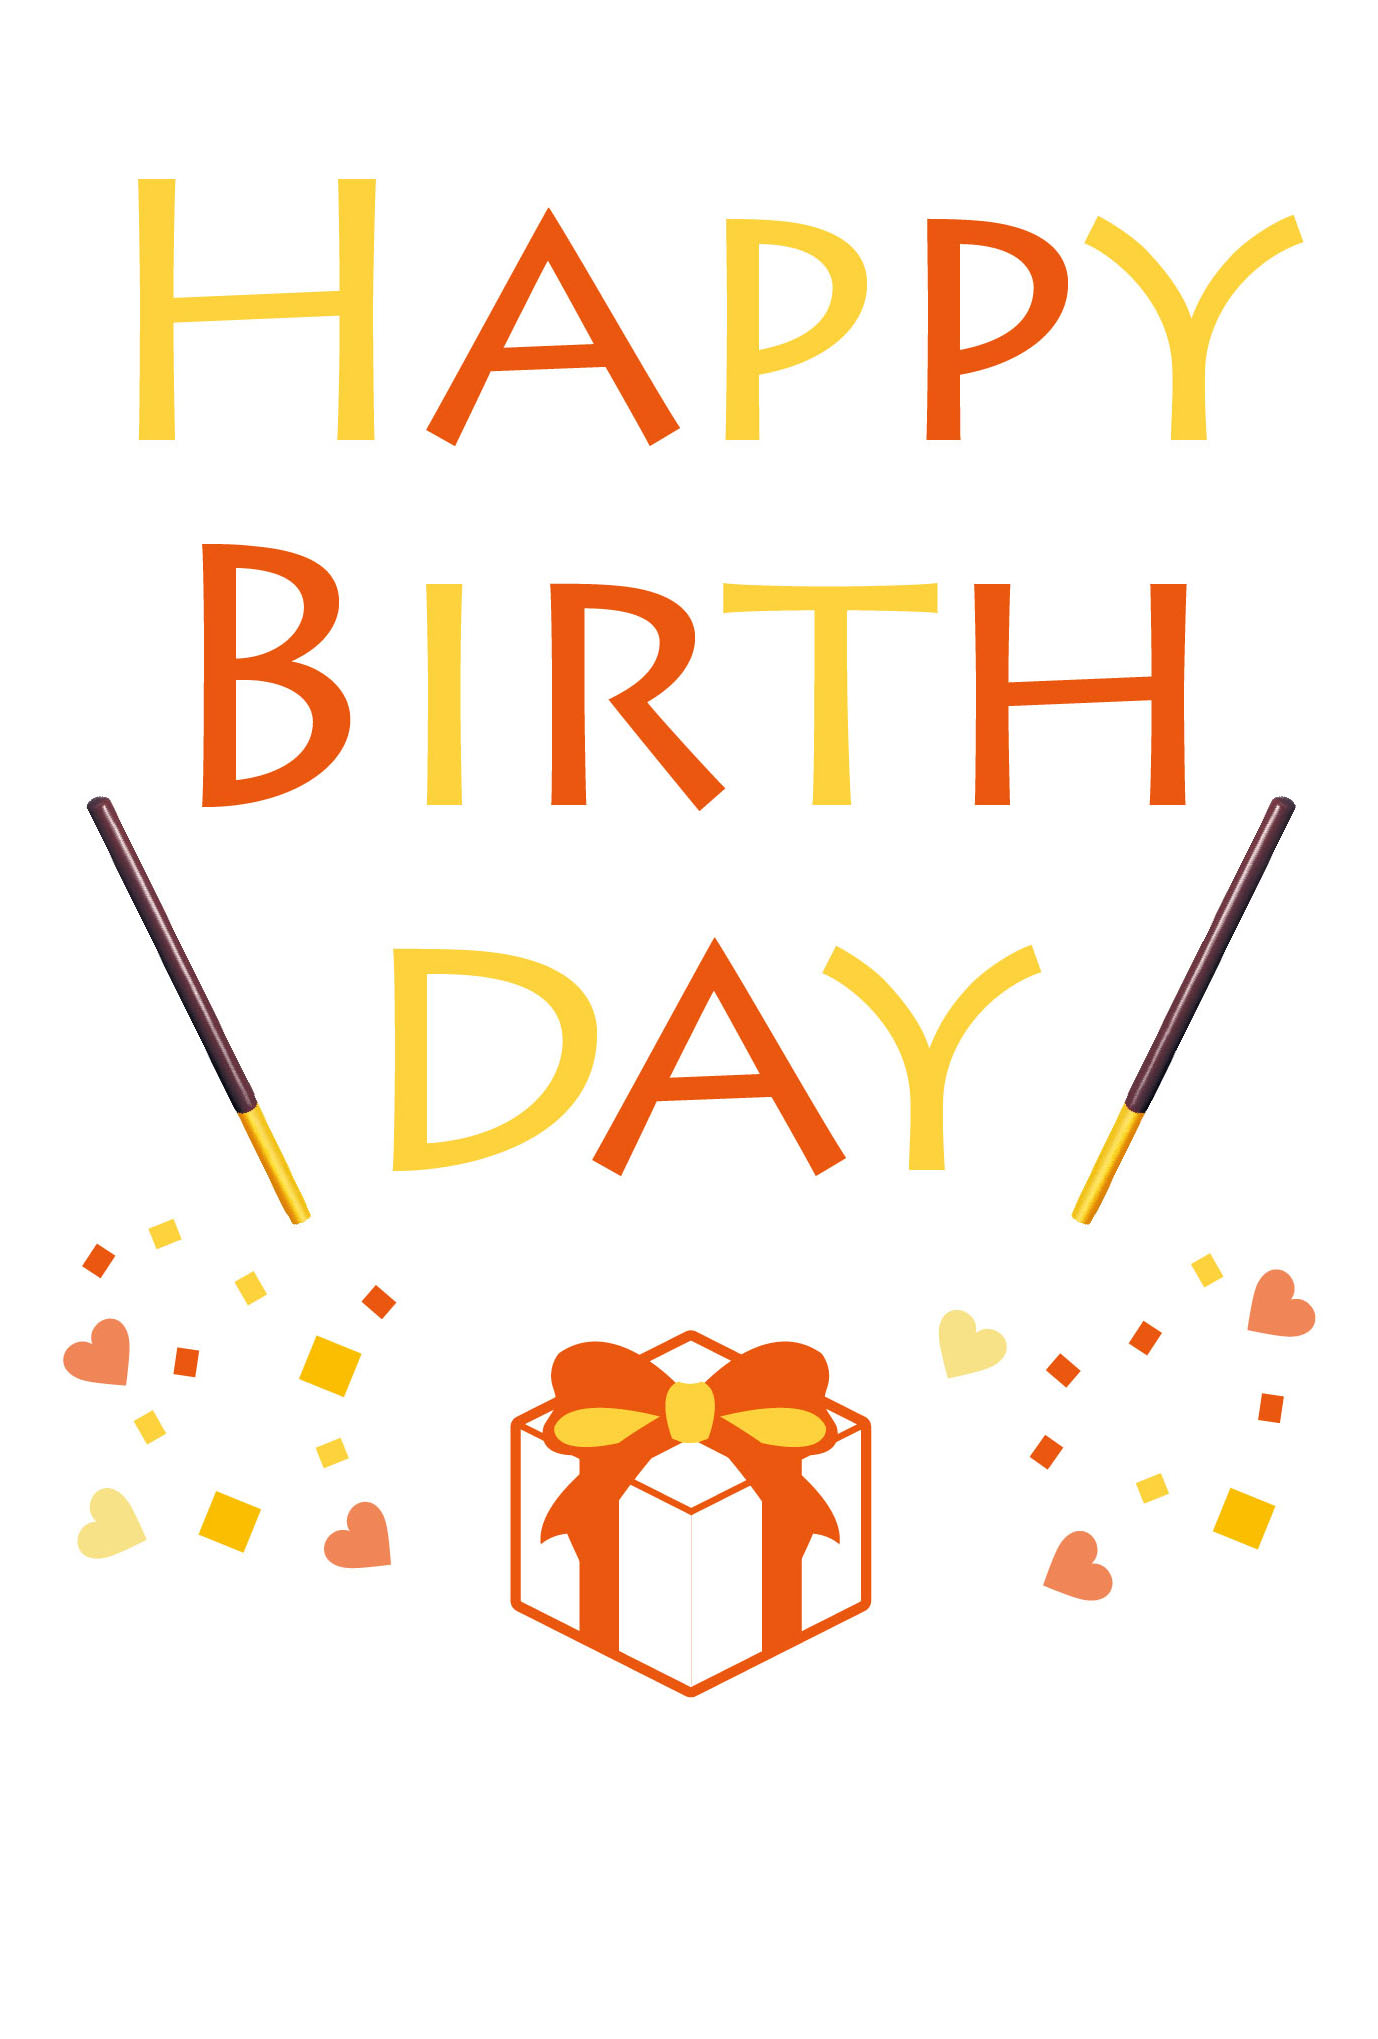 ポッキー オリジナルシェアハピネスカード ダウンロード【Happy Birthday / 誕生日 / お誕生日おめでとう】